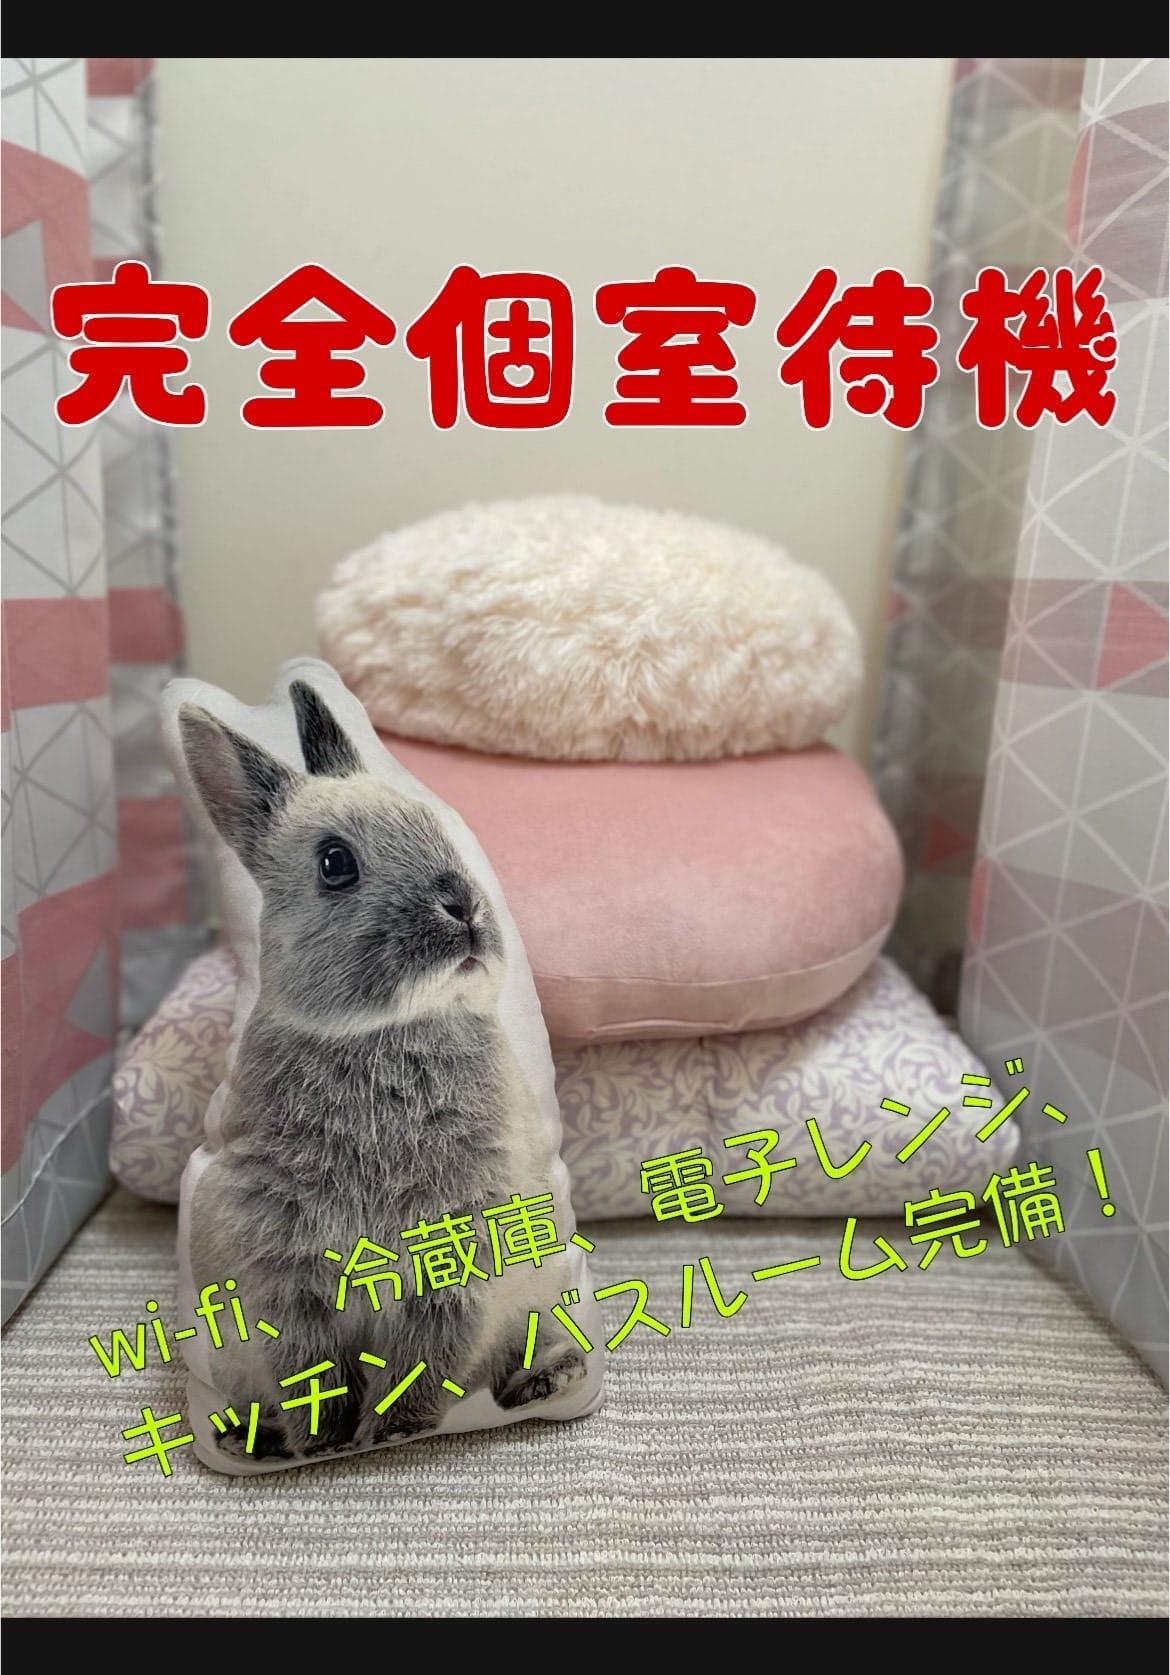 プライベート空間ばっちり♪ゆっくり過ごせる環境、準備しております♪ 香川高松ちゃんこの求人ブログ